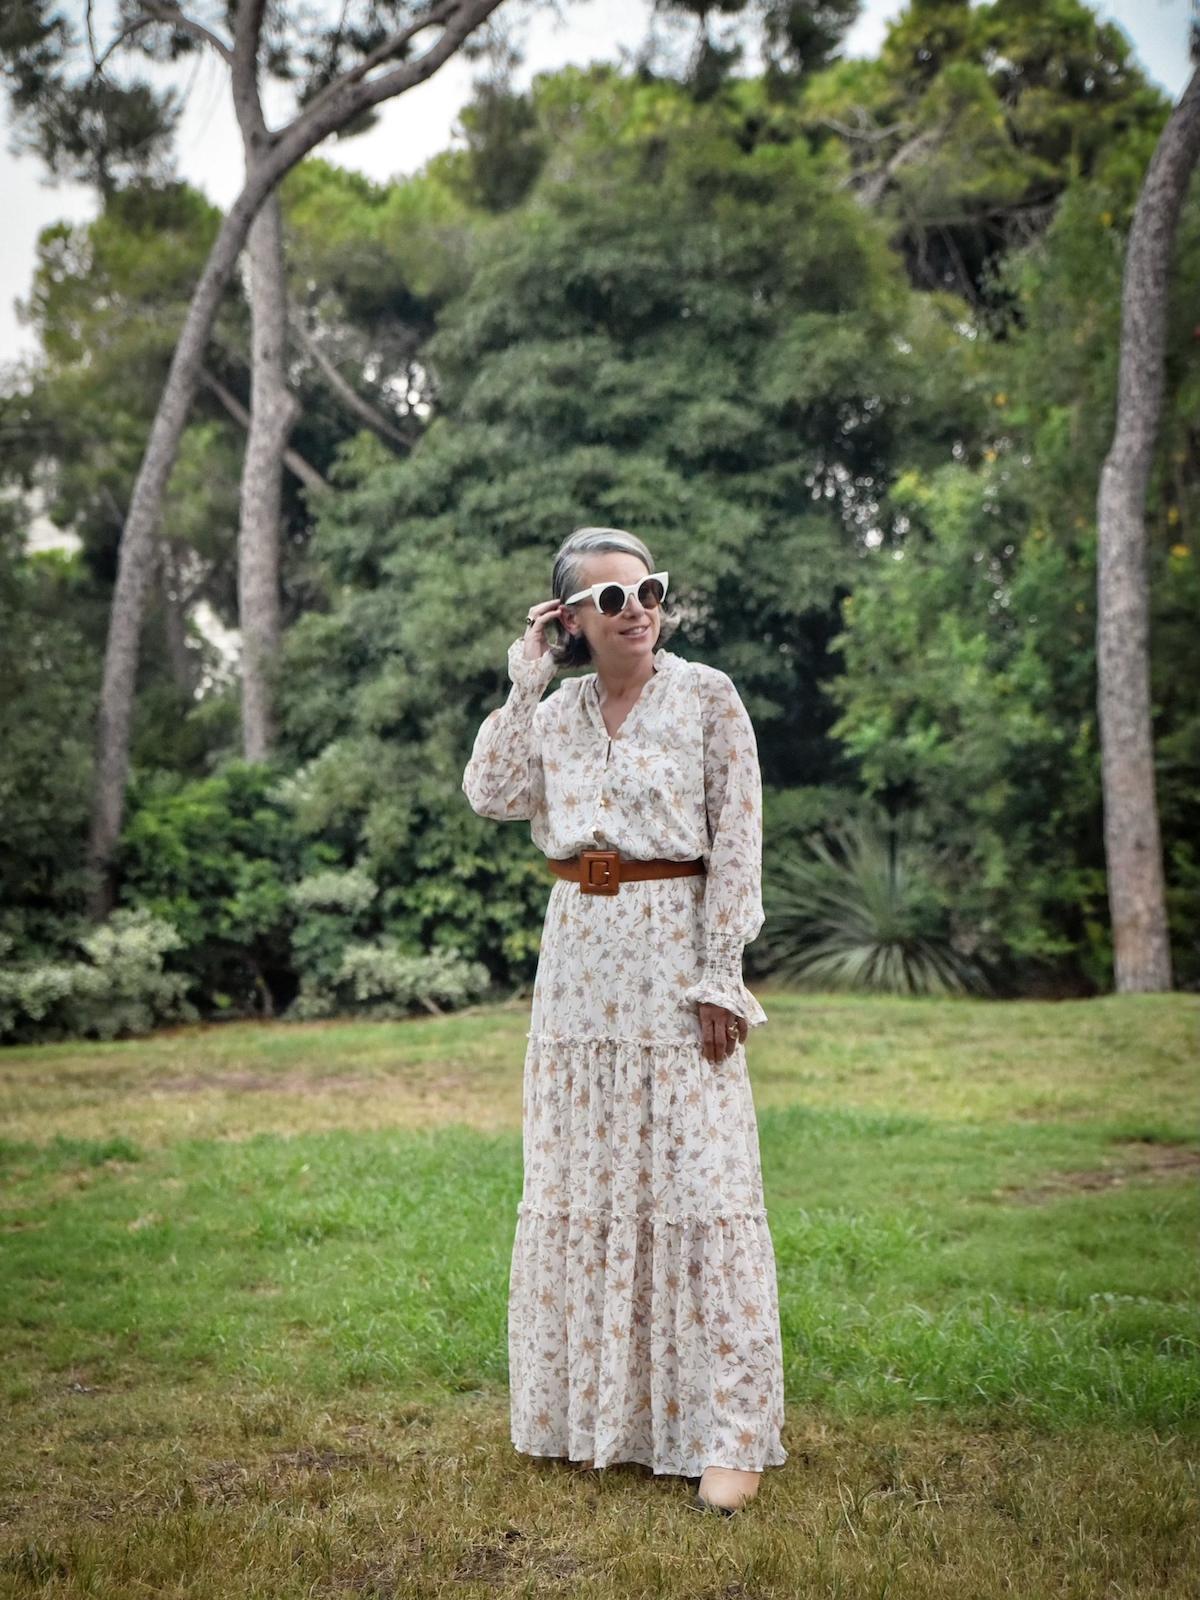 גן מניה שוחט שמלת מקסי פרחונית גולף שירי ויצנר בלוג חיפאית9